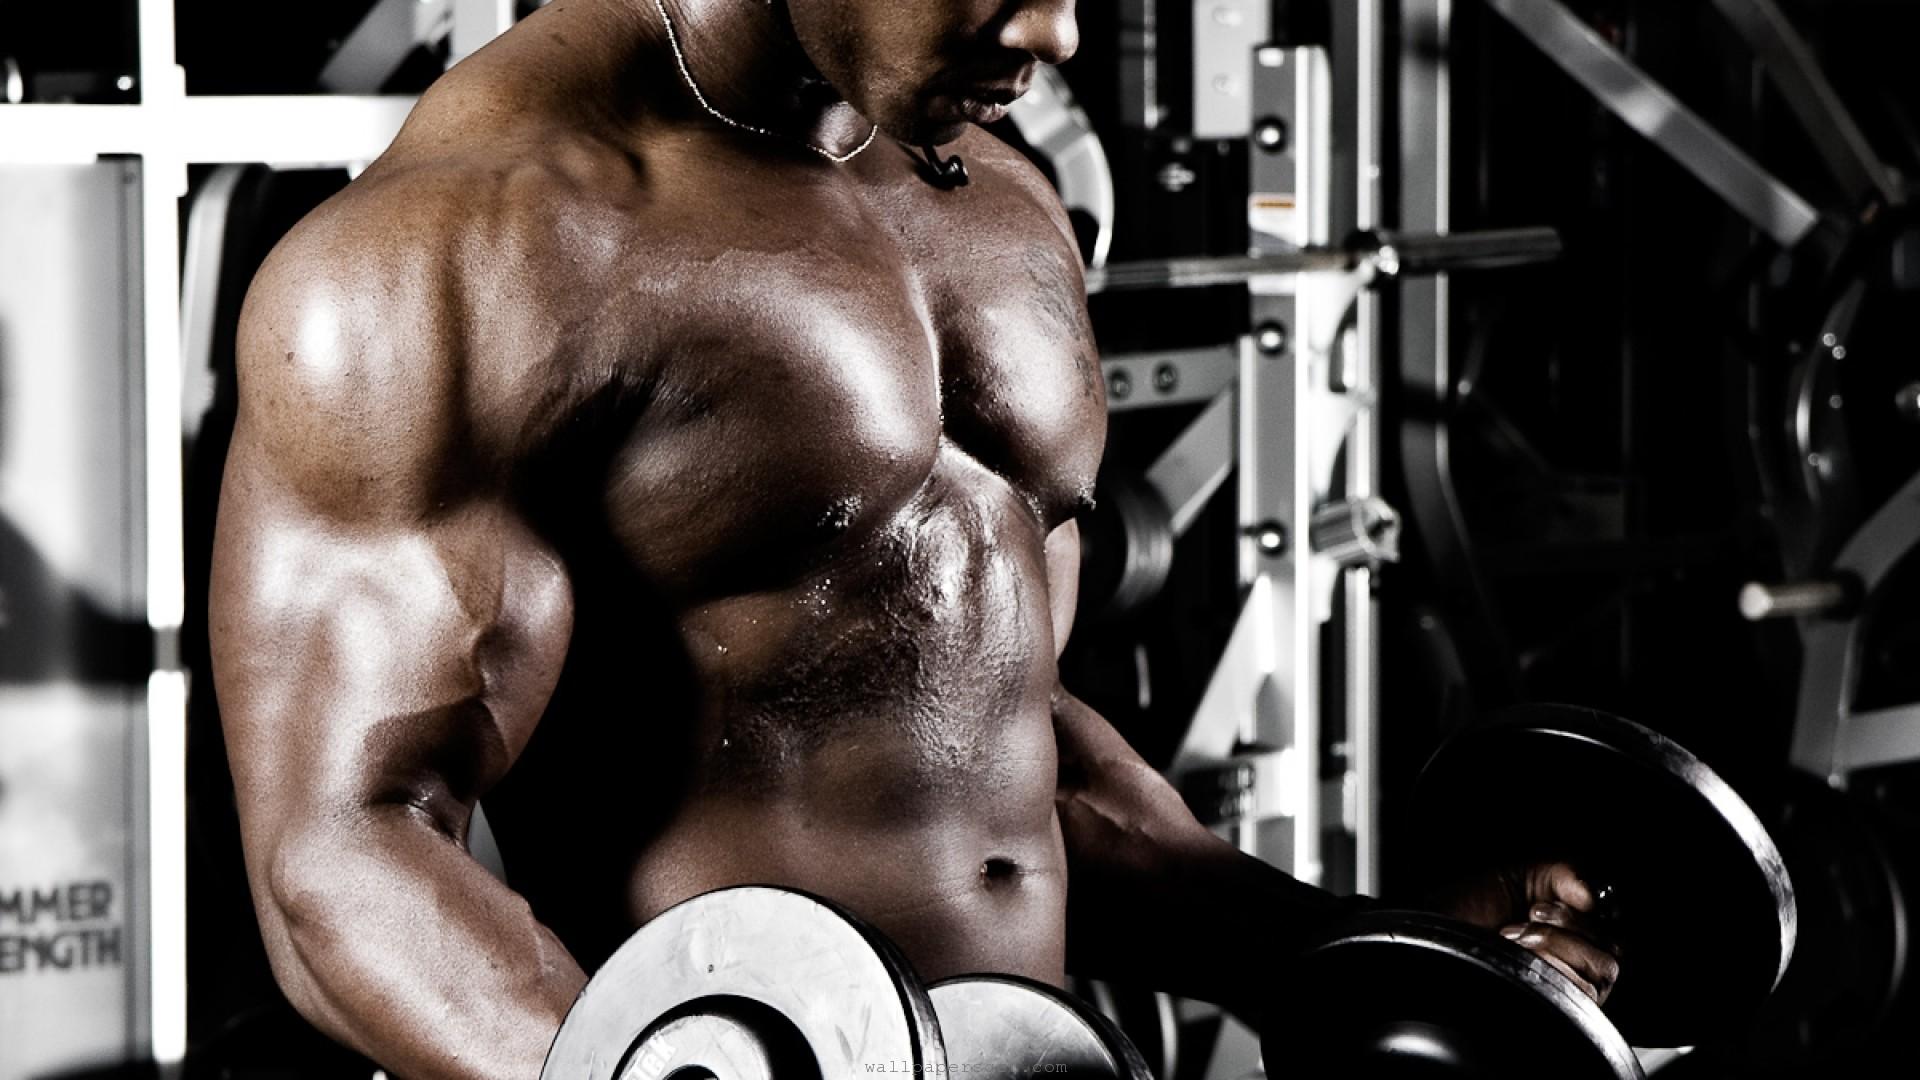 bodybuilding computer wallpapers desktop backgrounds